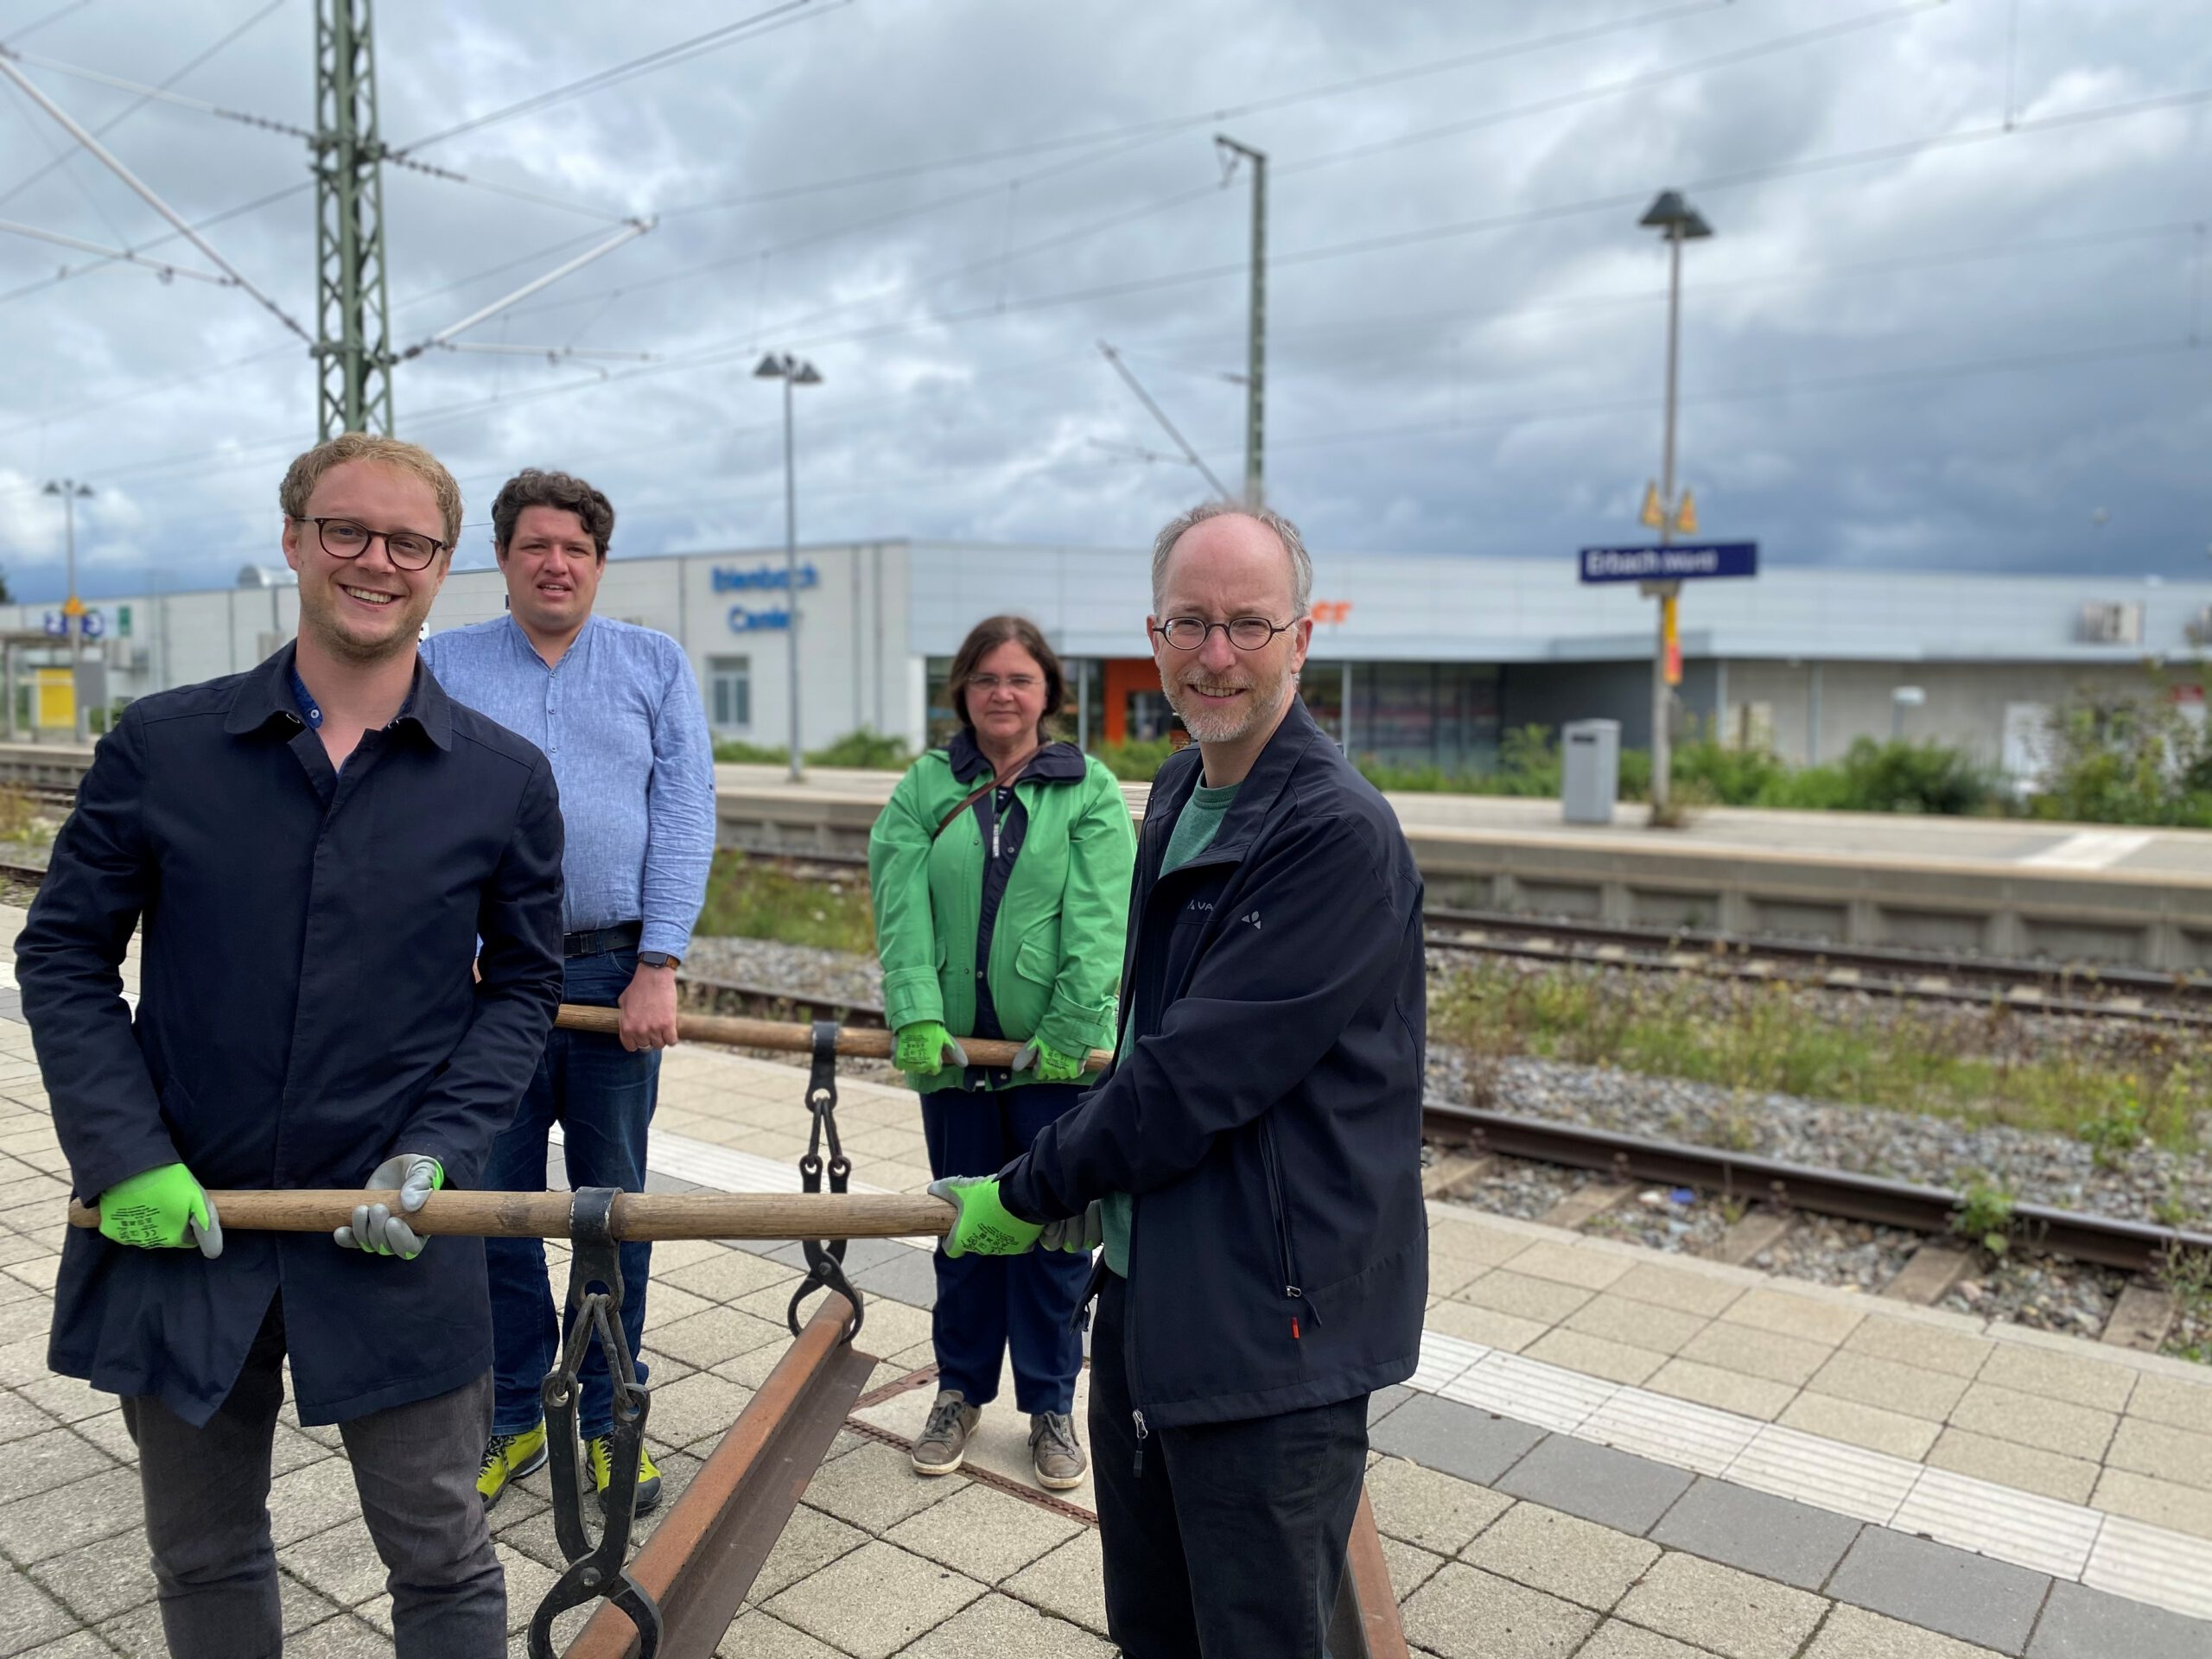 Marcel Emmerich, Matthias Gastel, Michael Joukov-Schwelling und Mona Buchenscheit heben am Bahnhof Erbach ein Schienenstück an.